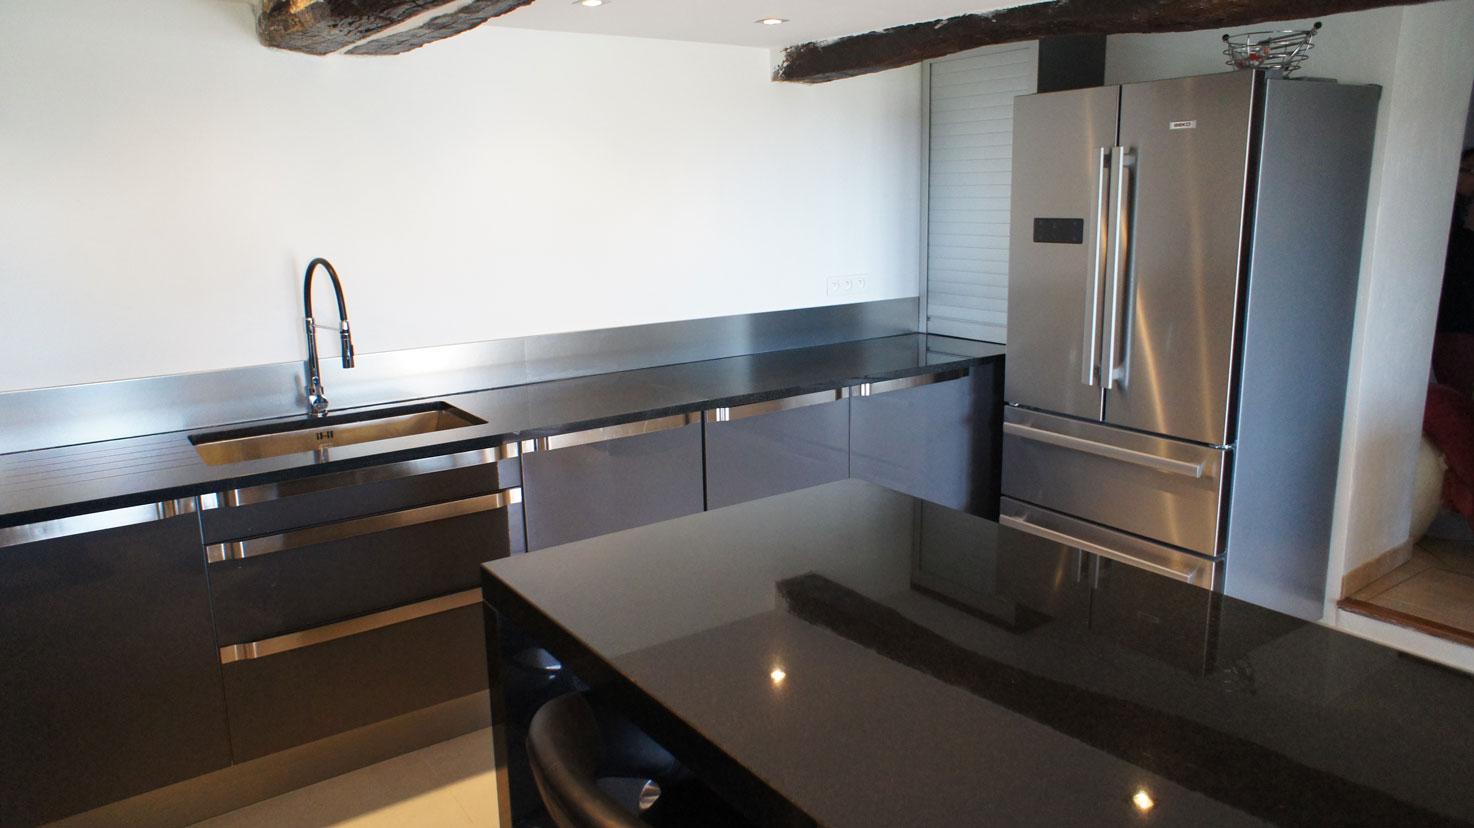 Kitchen Countertop in Black Granite9